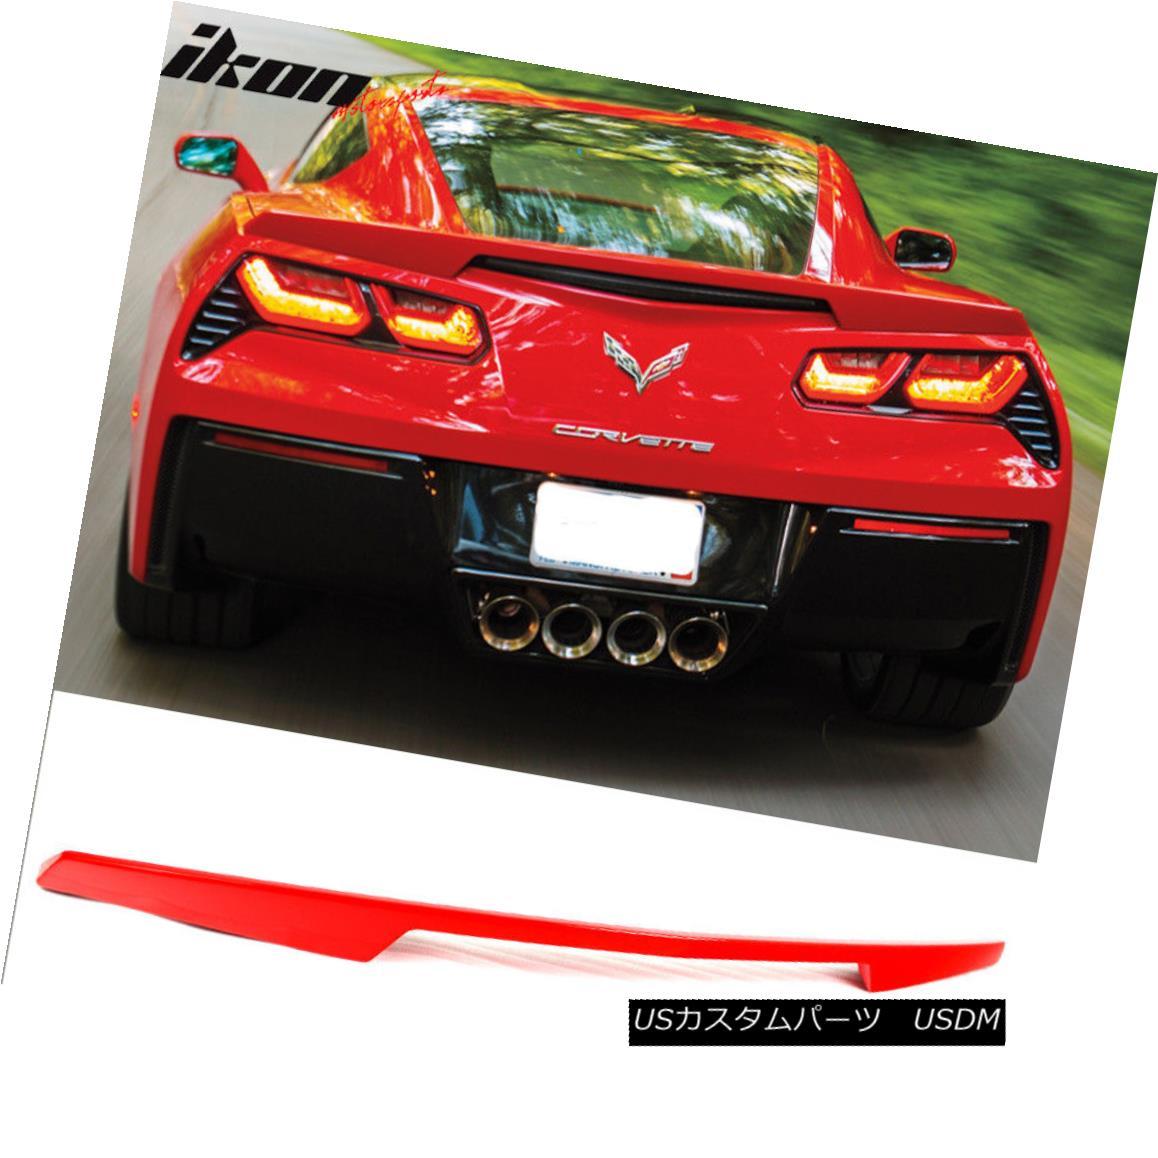 エアロパーツ Fit For 14-18 Chevy Corvette C7 ABS Trunk Spoiler Painted Torch Red # WA9075 14-18シボレーコルベットC7に合うABSトランクスポイラーペイントトーチレッド#WA9075